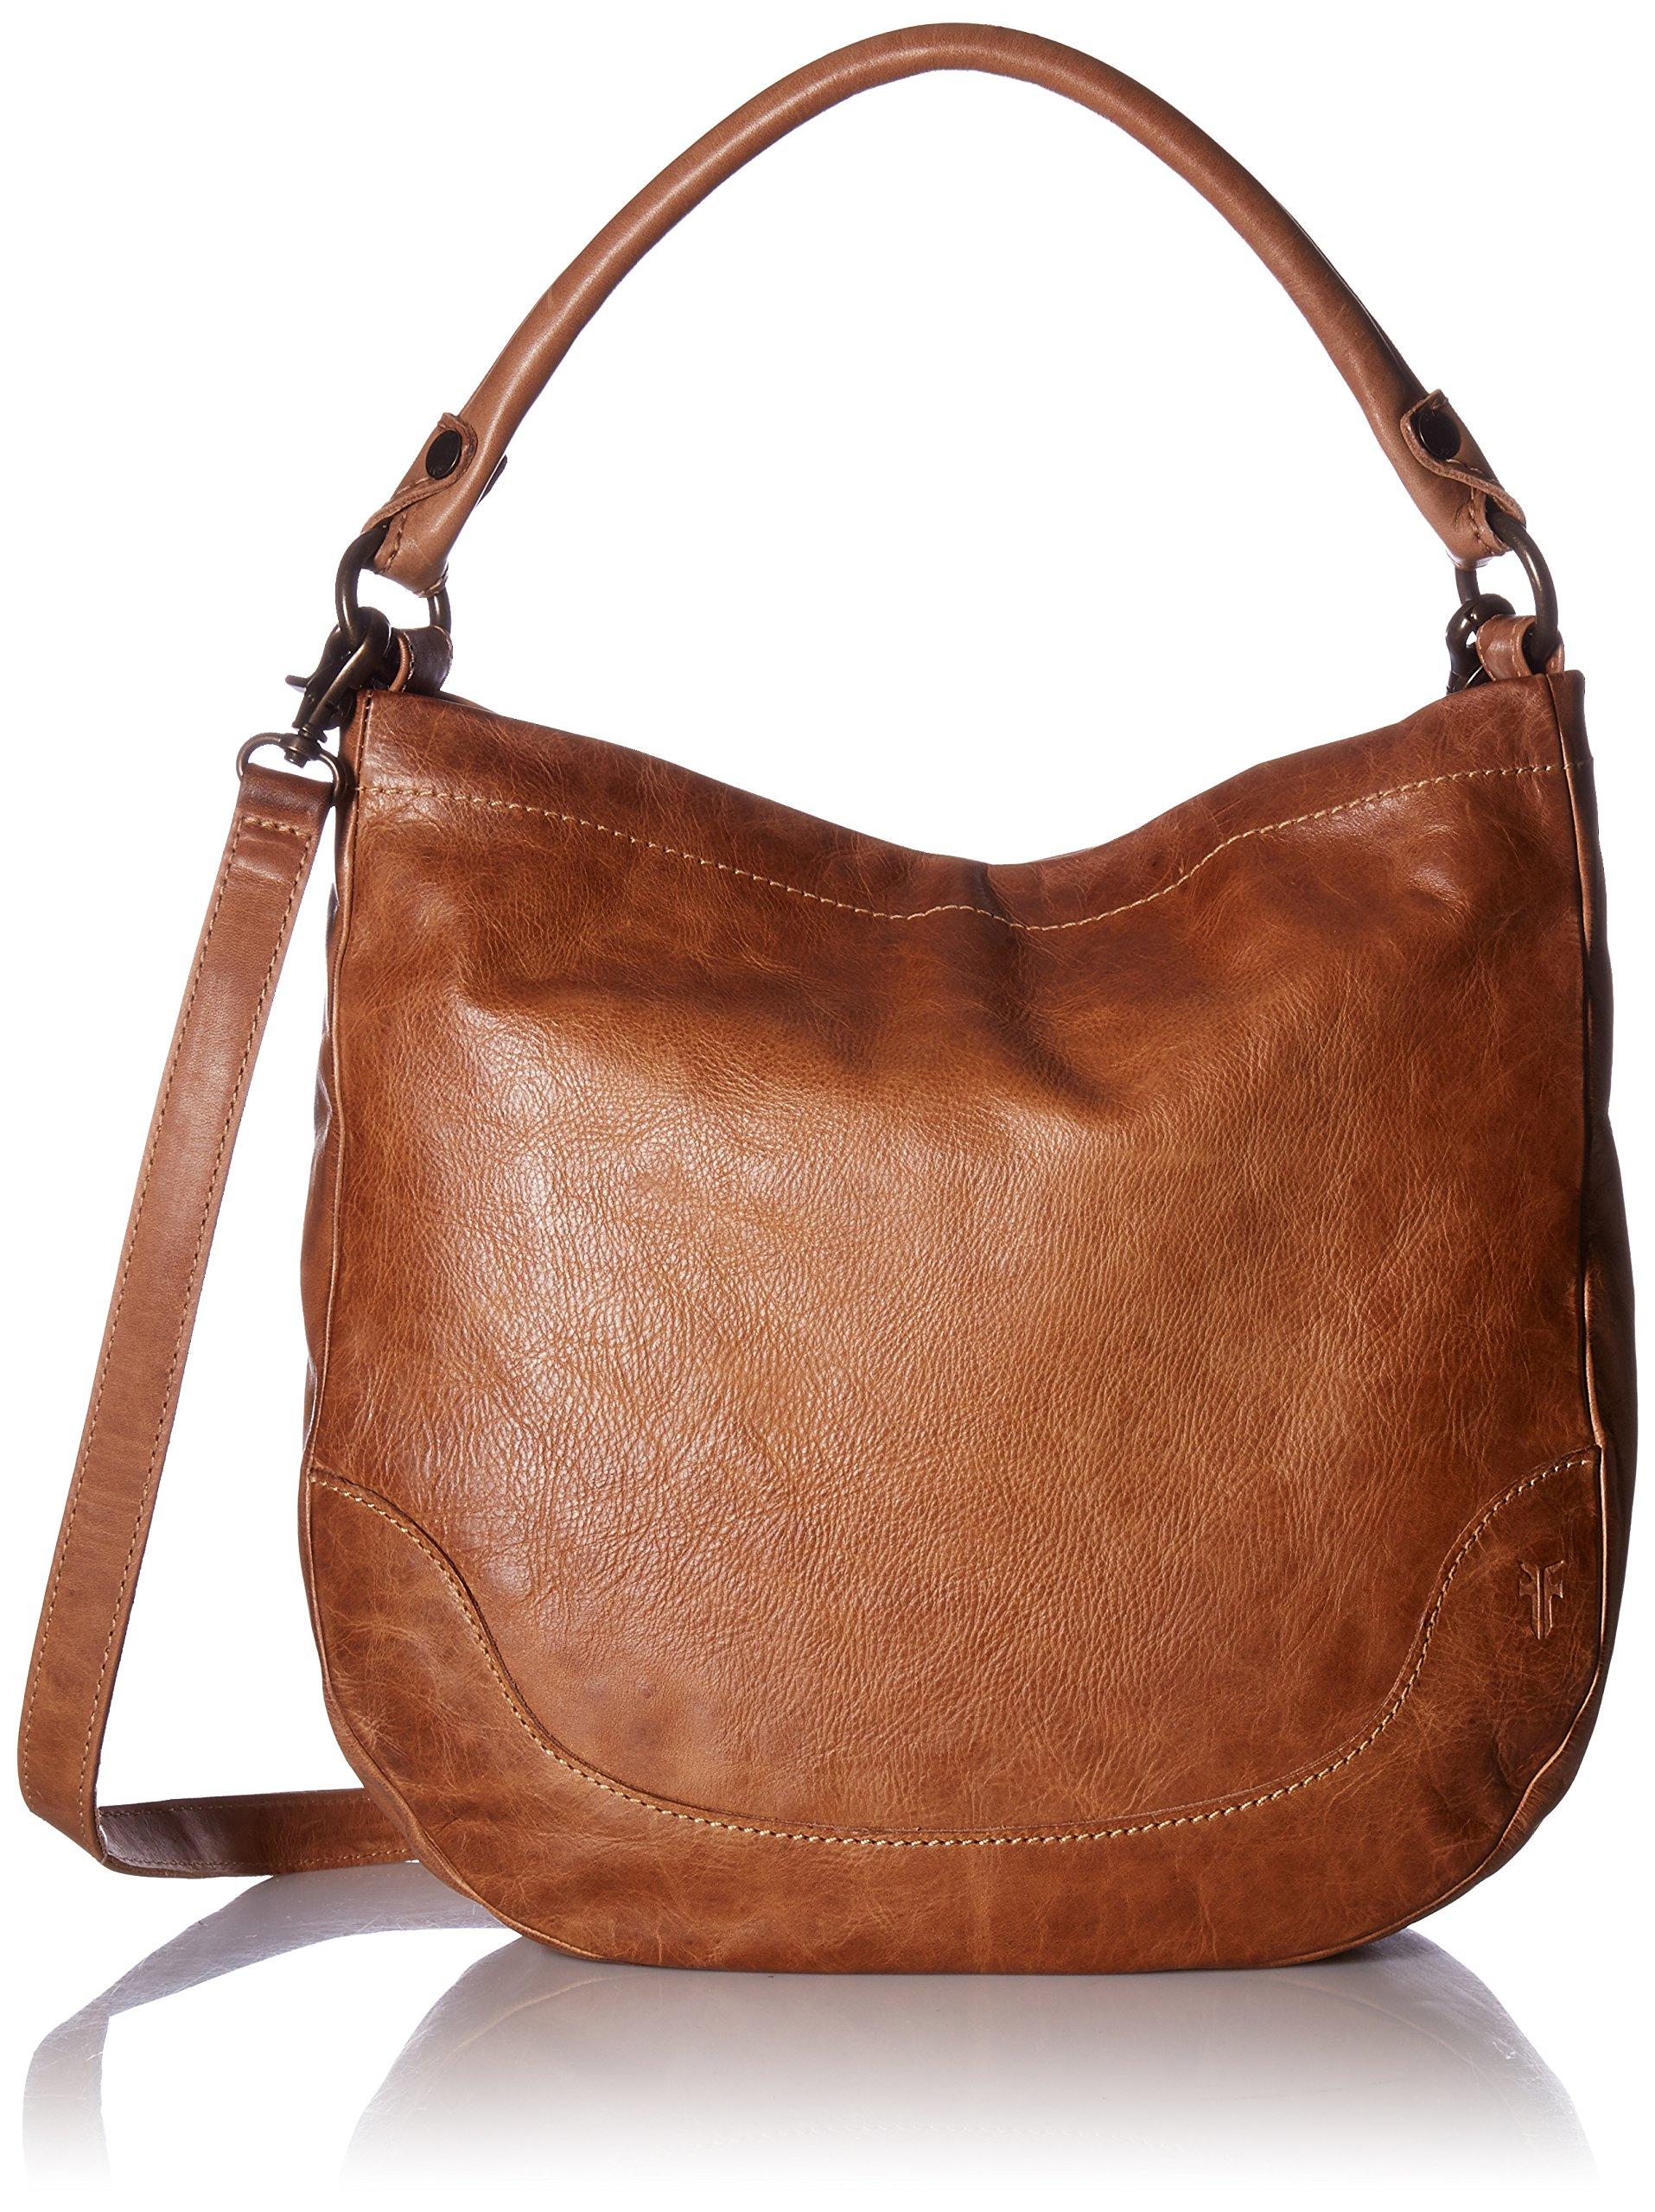 Melissa Hobo Hobo Bag, BEIGE, One Size